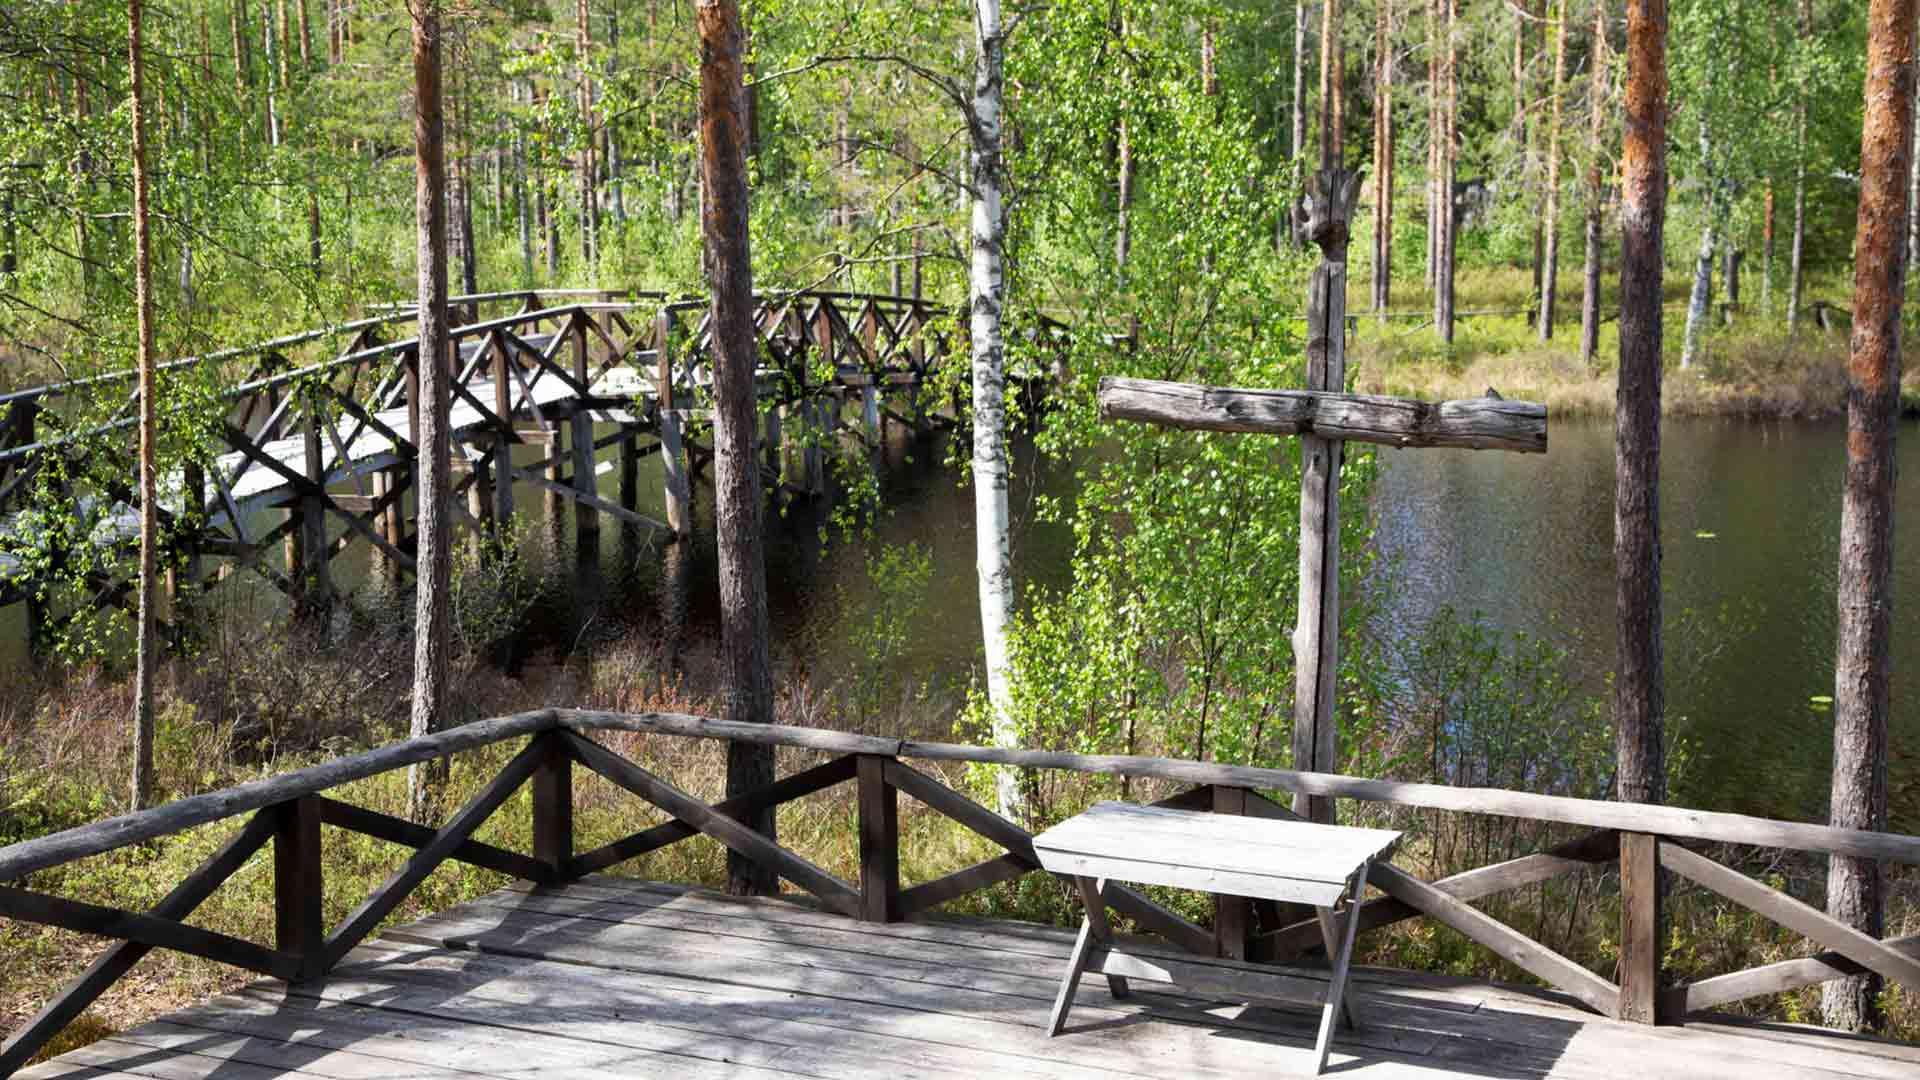 Luontokirkossa järjestetään kesäisin muun muassa konsertteja, häitä ja ristiäisiä. Aina avoinna oleva luontokirkko tarjoaa oivan hiljentymispaikan myös matkailijoille.